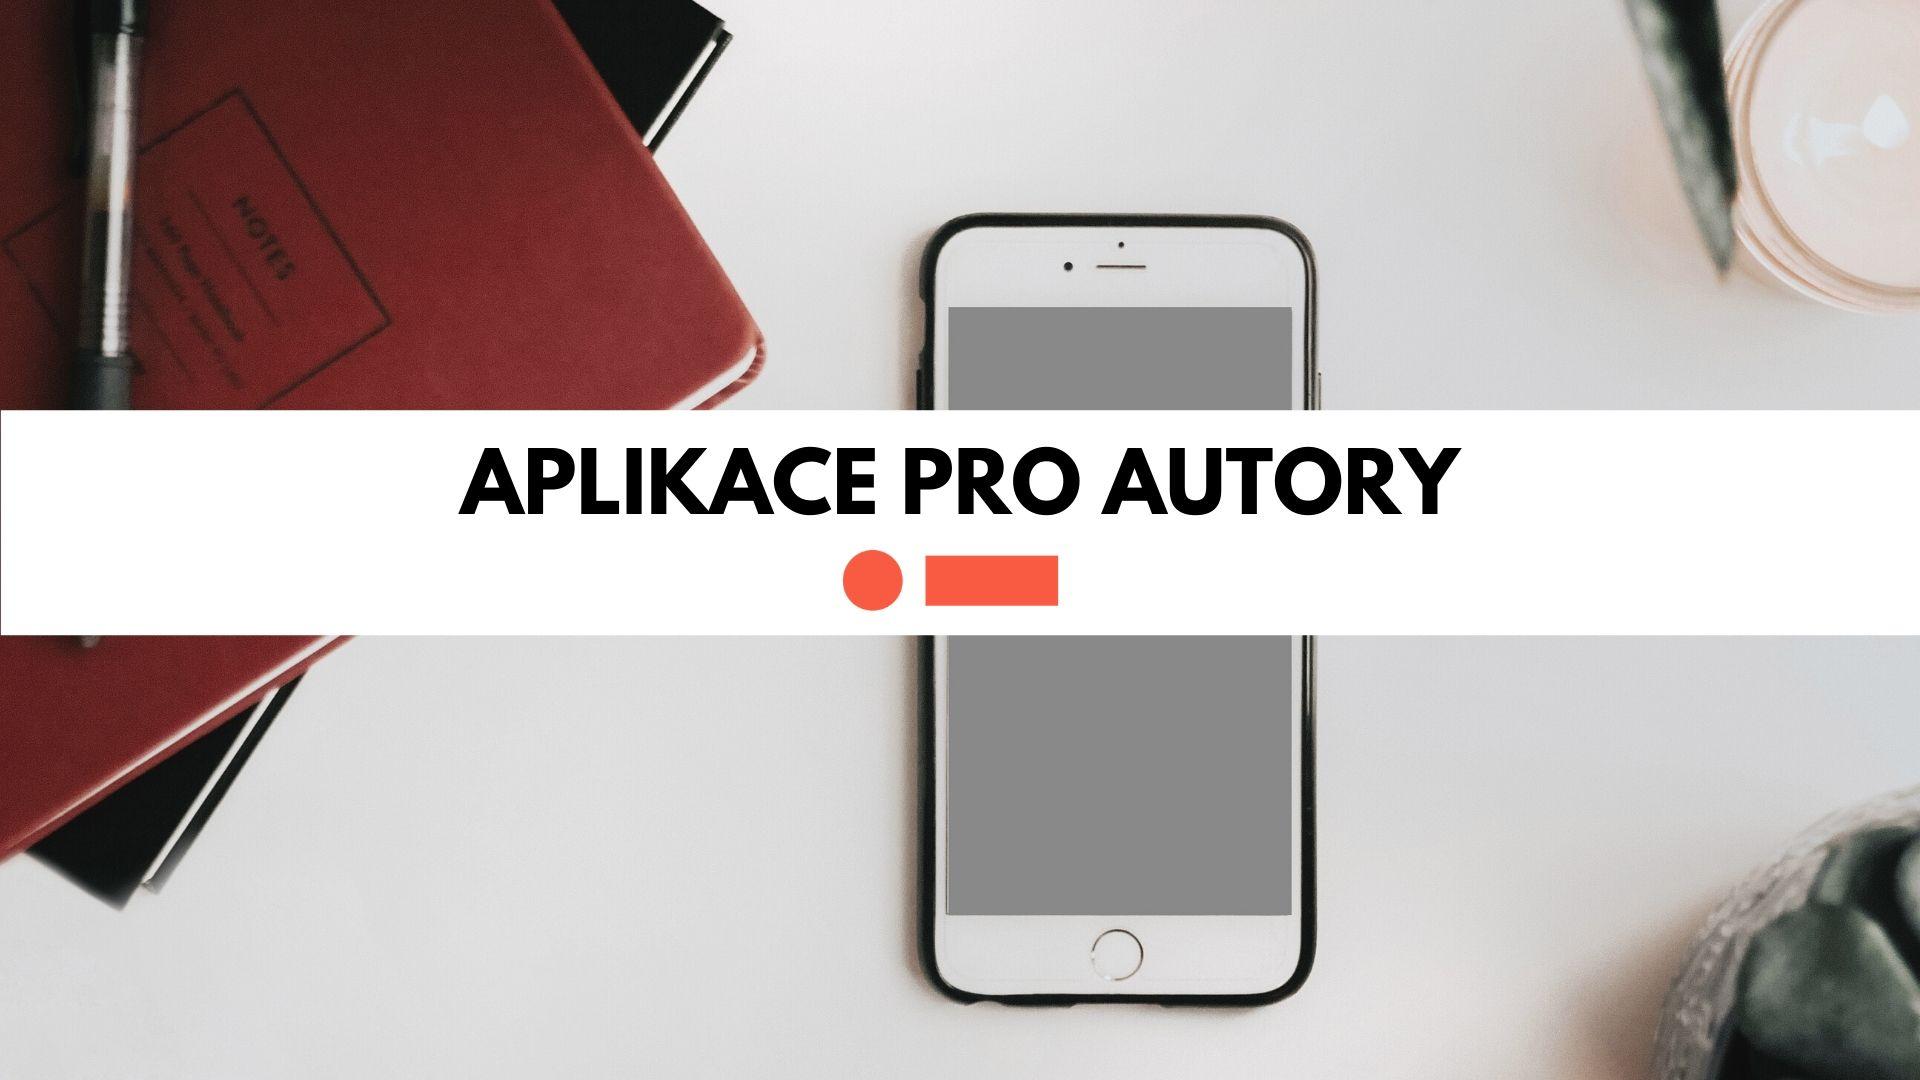 Aplikace pro autory